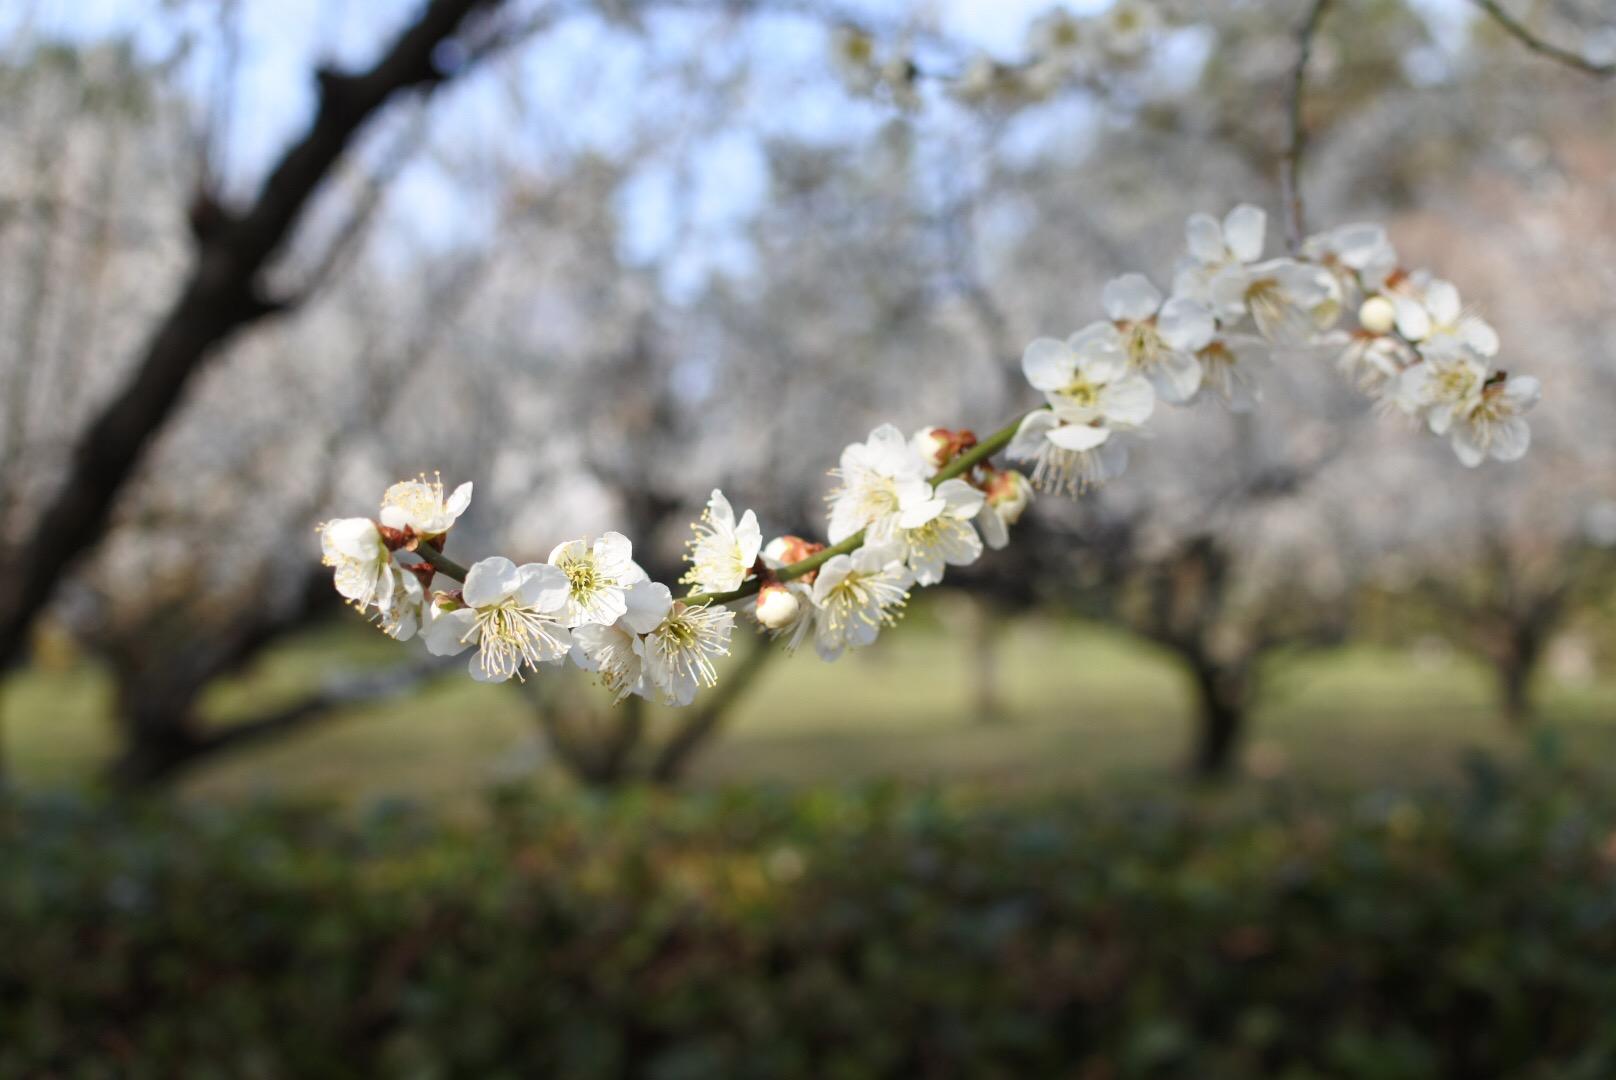 セローでお散歩 亀山城址の梅〜京都伏見の河津桜〜月ヶ瀬梅渓